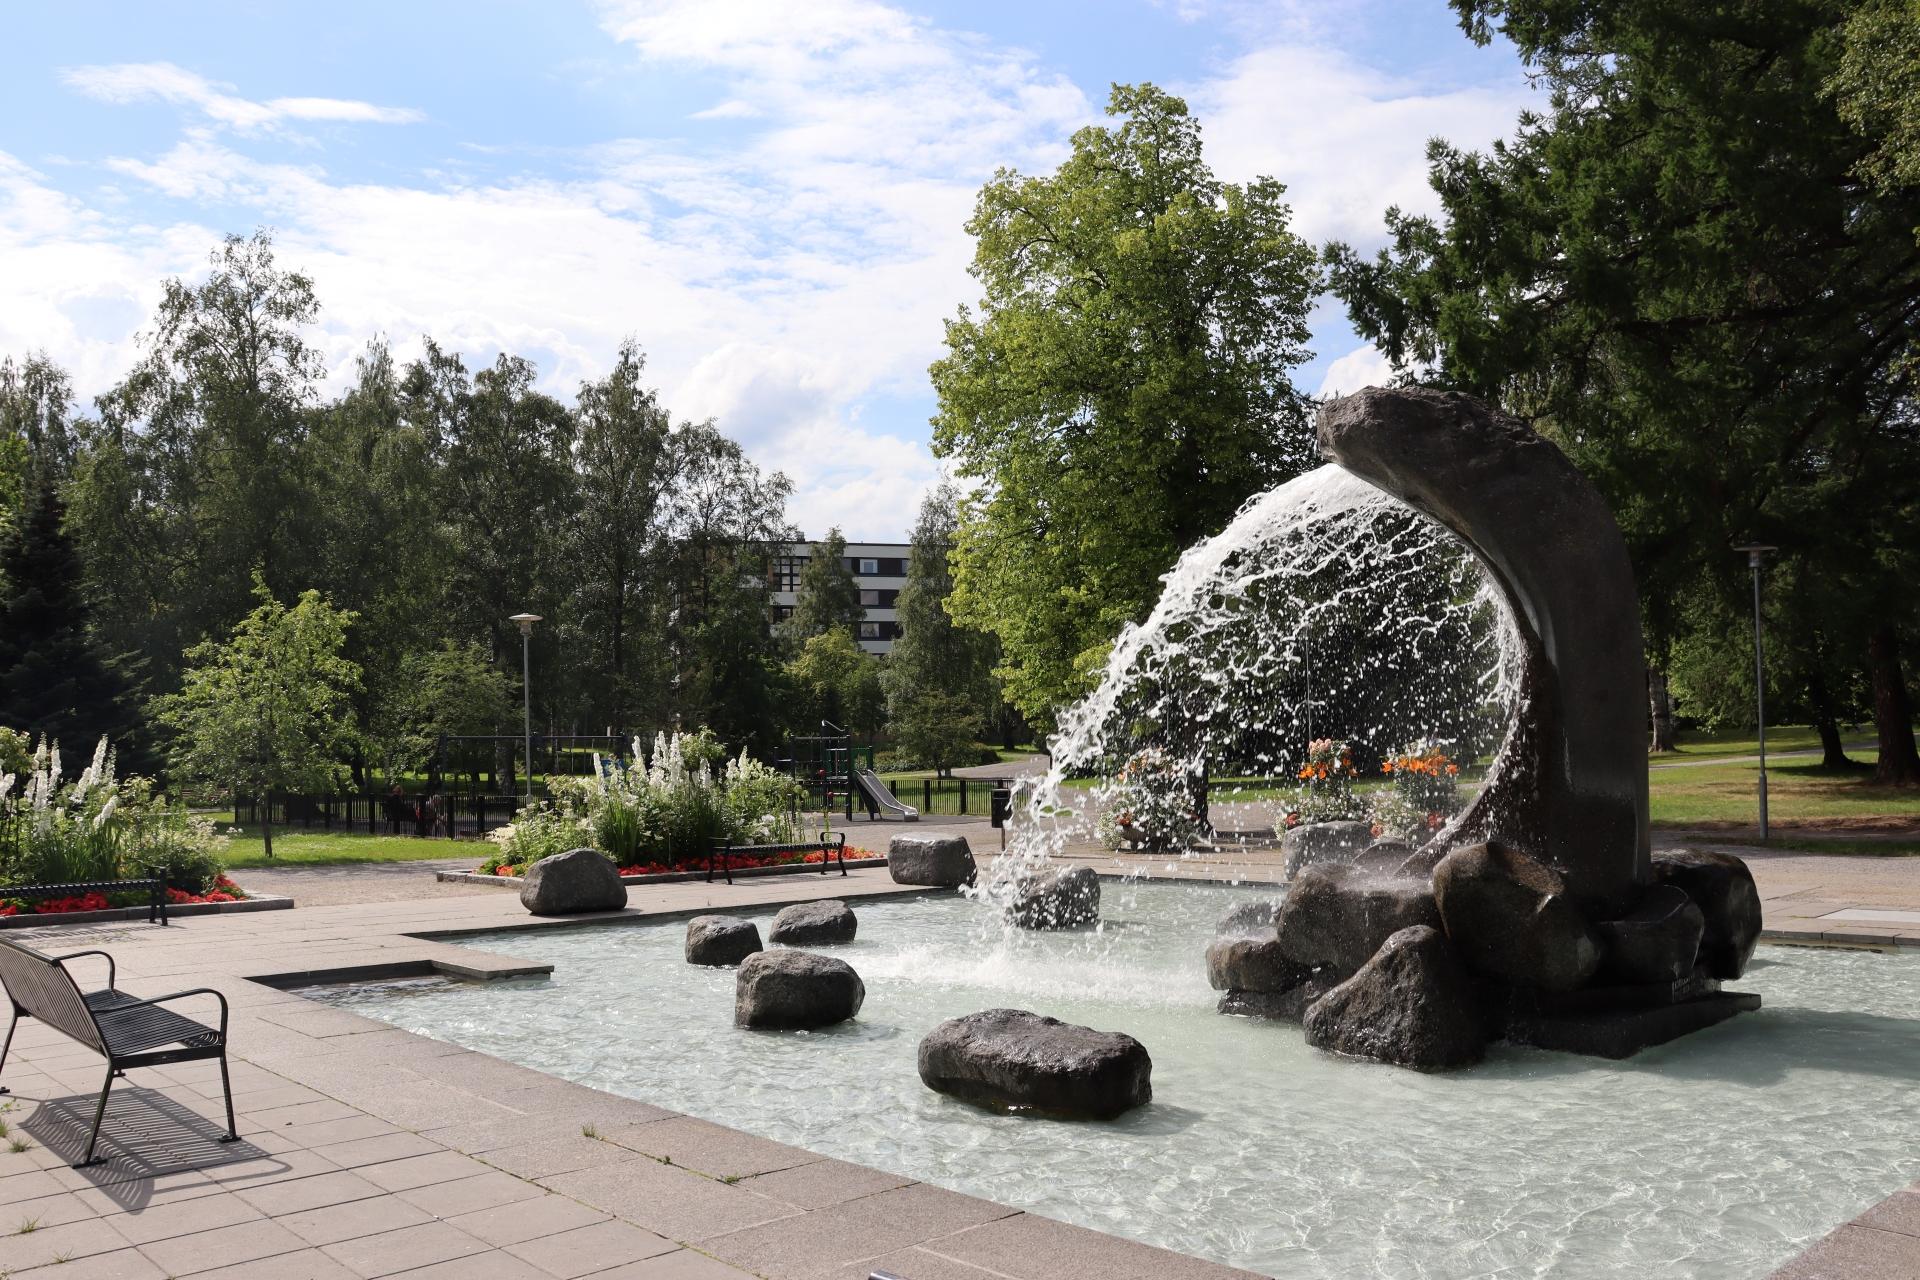 Kokkolan Länsipuistossa sijaitseva Tyrsky on suuri suihkulähde, jonka suihkuaa valtoimenaan kesäisenä päivänä.